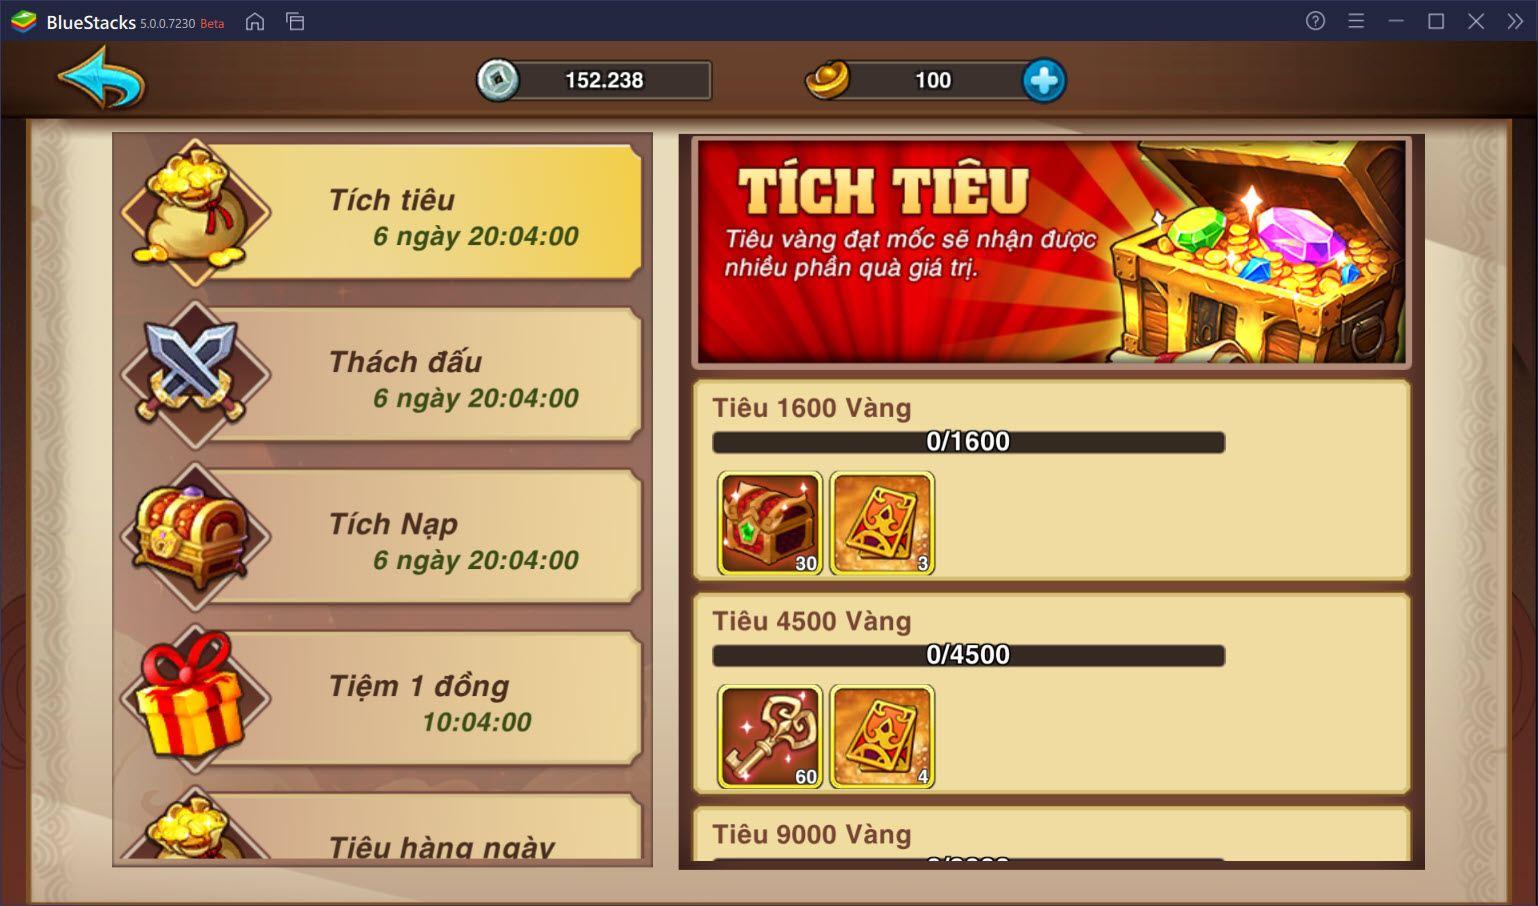 Trải nghiệm Tam Quốc Tranh Phong trên PC với BlueStacks